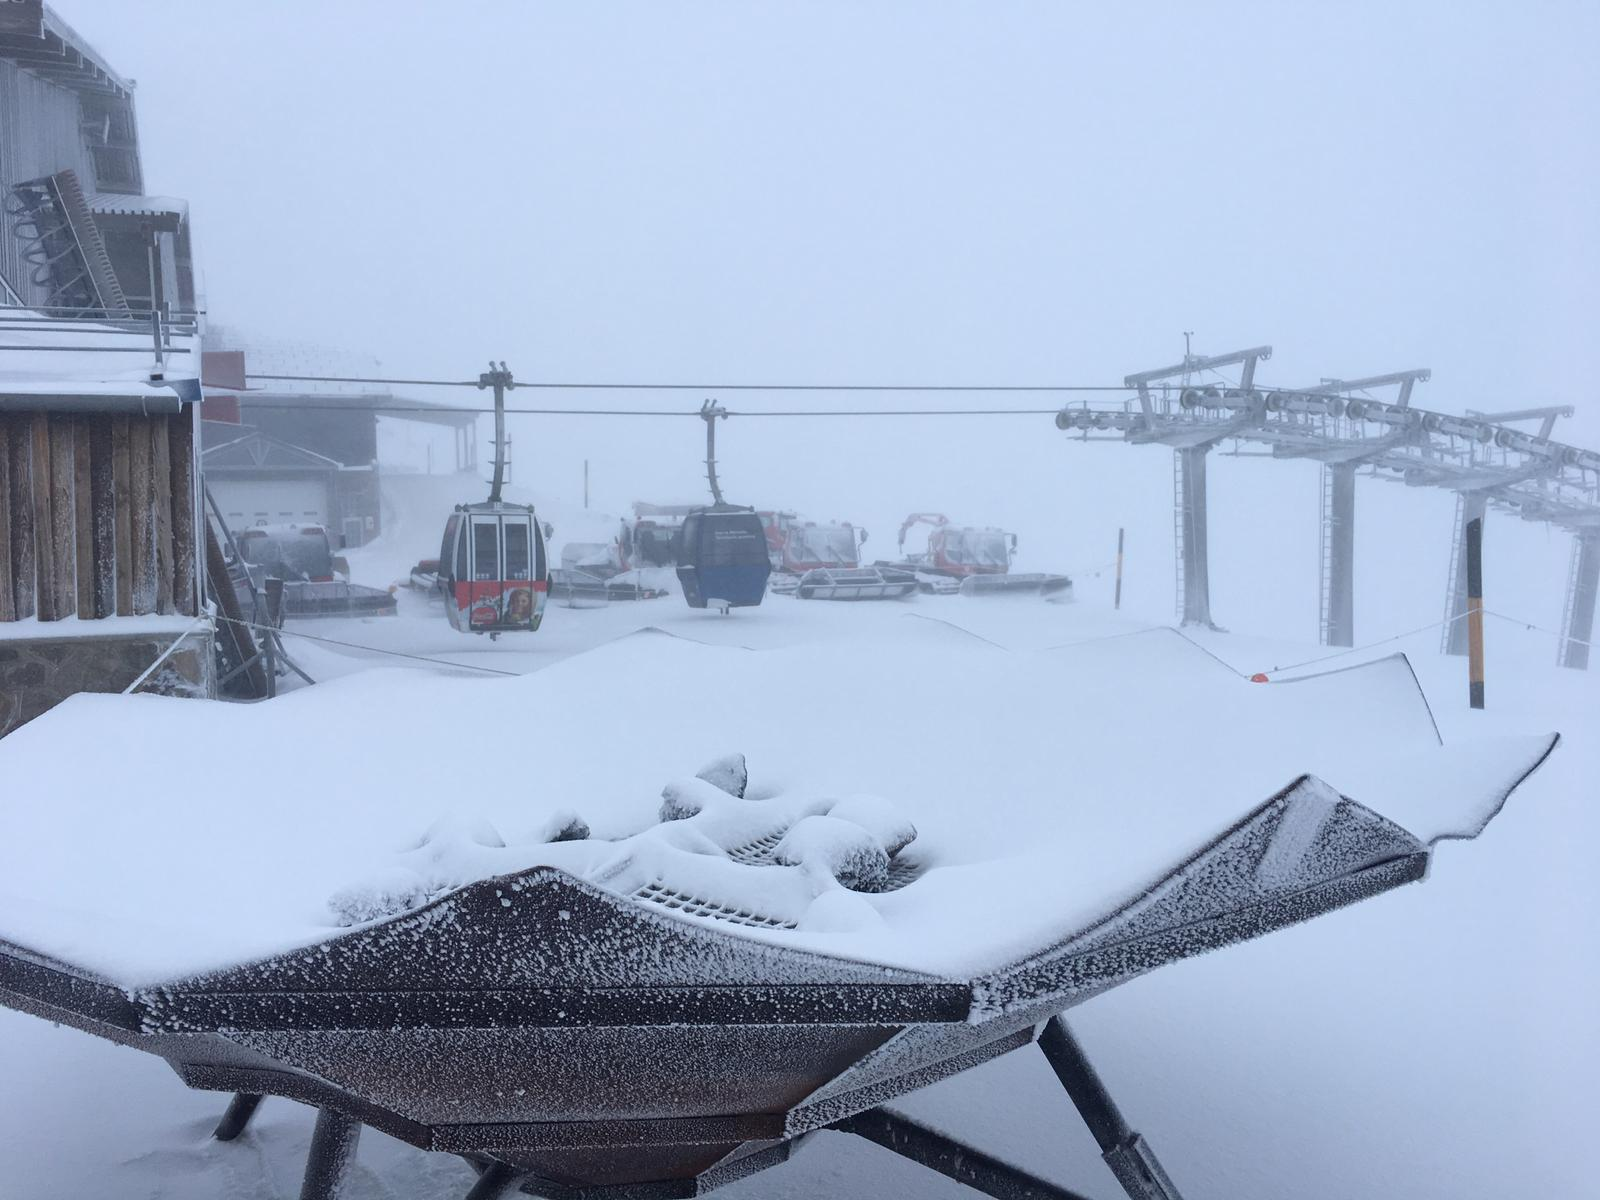 El blanco se apodera de Sierra Nevada por una intensa nevada